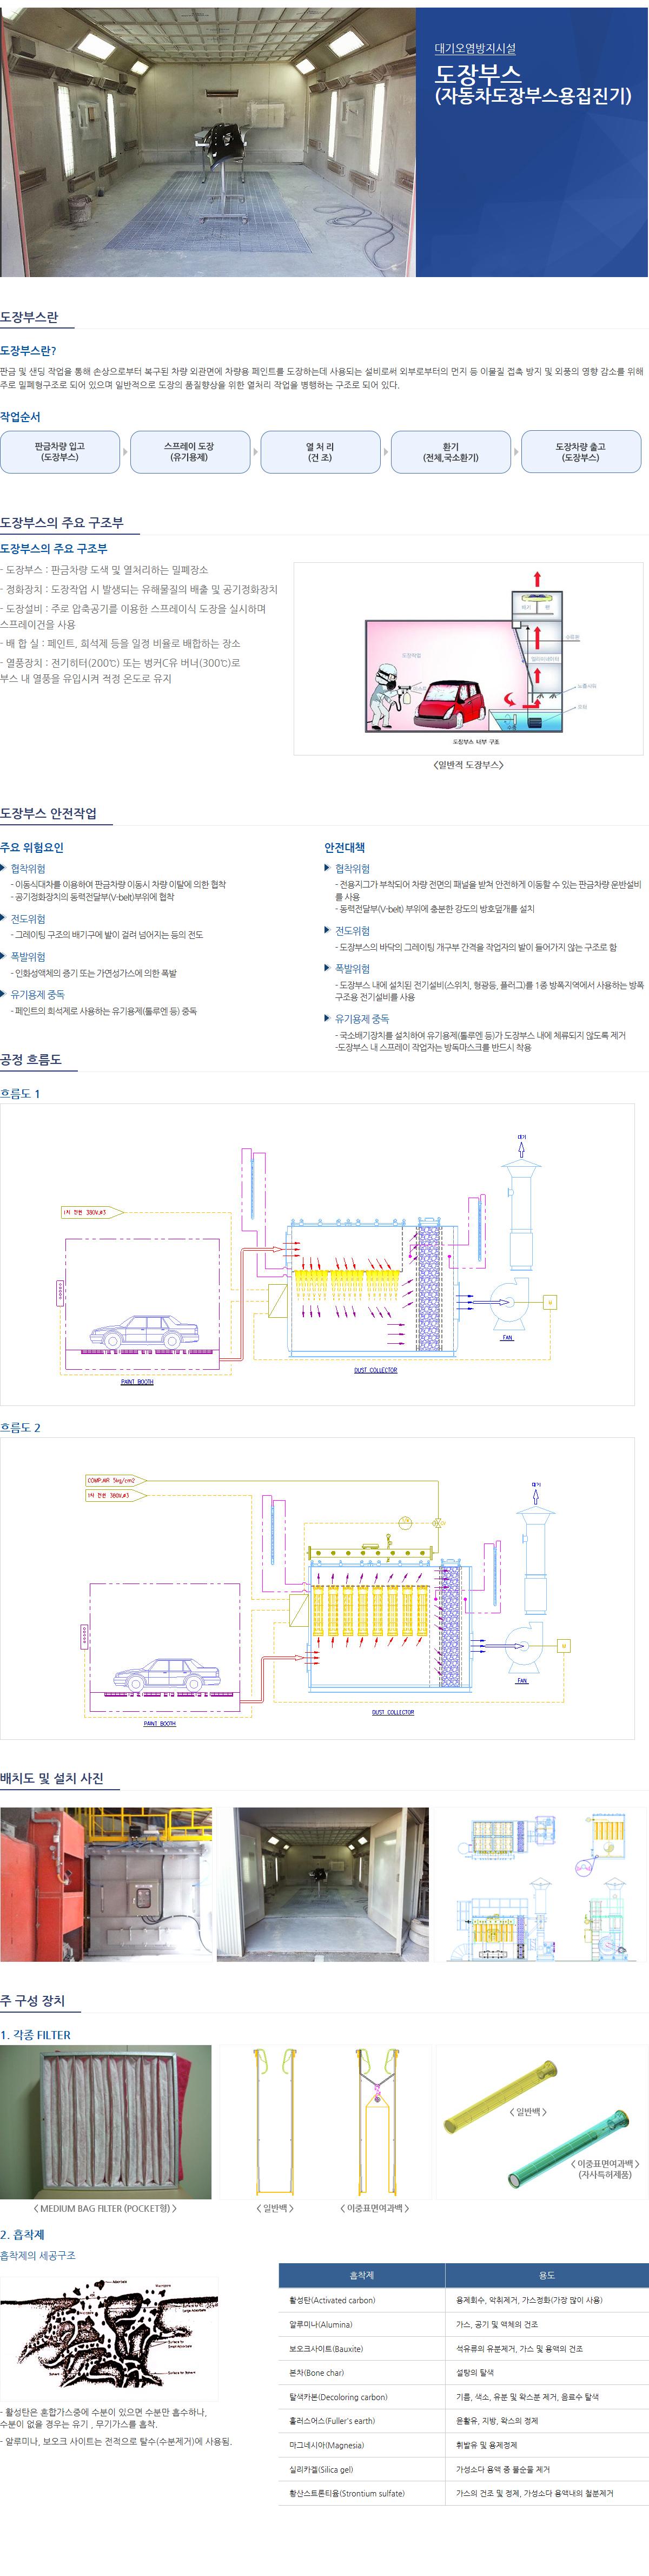 (주)신성플랜트 도장부스  1